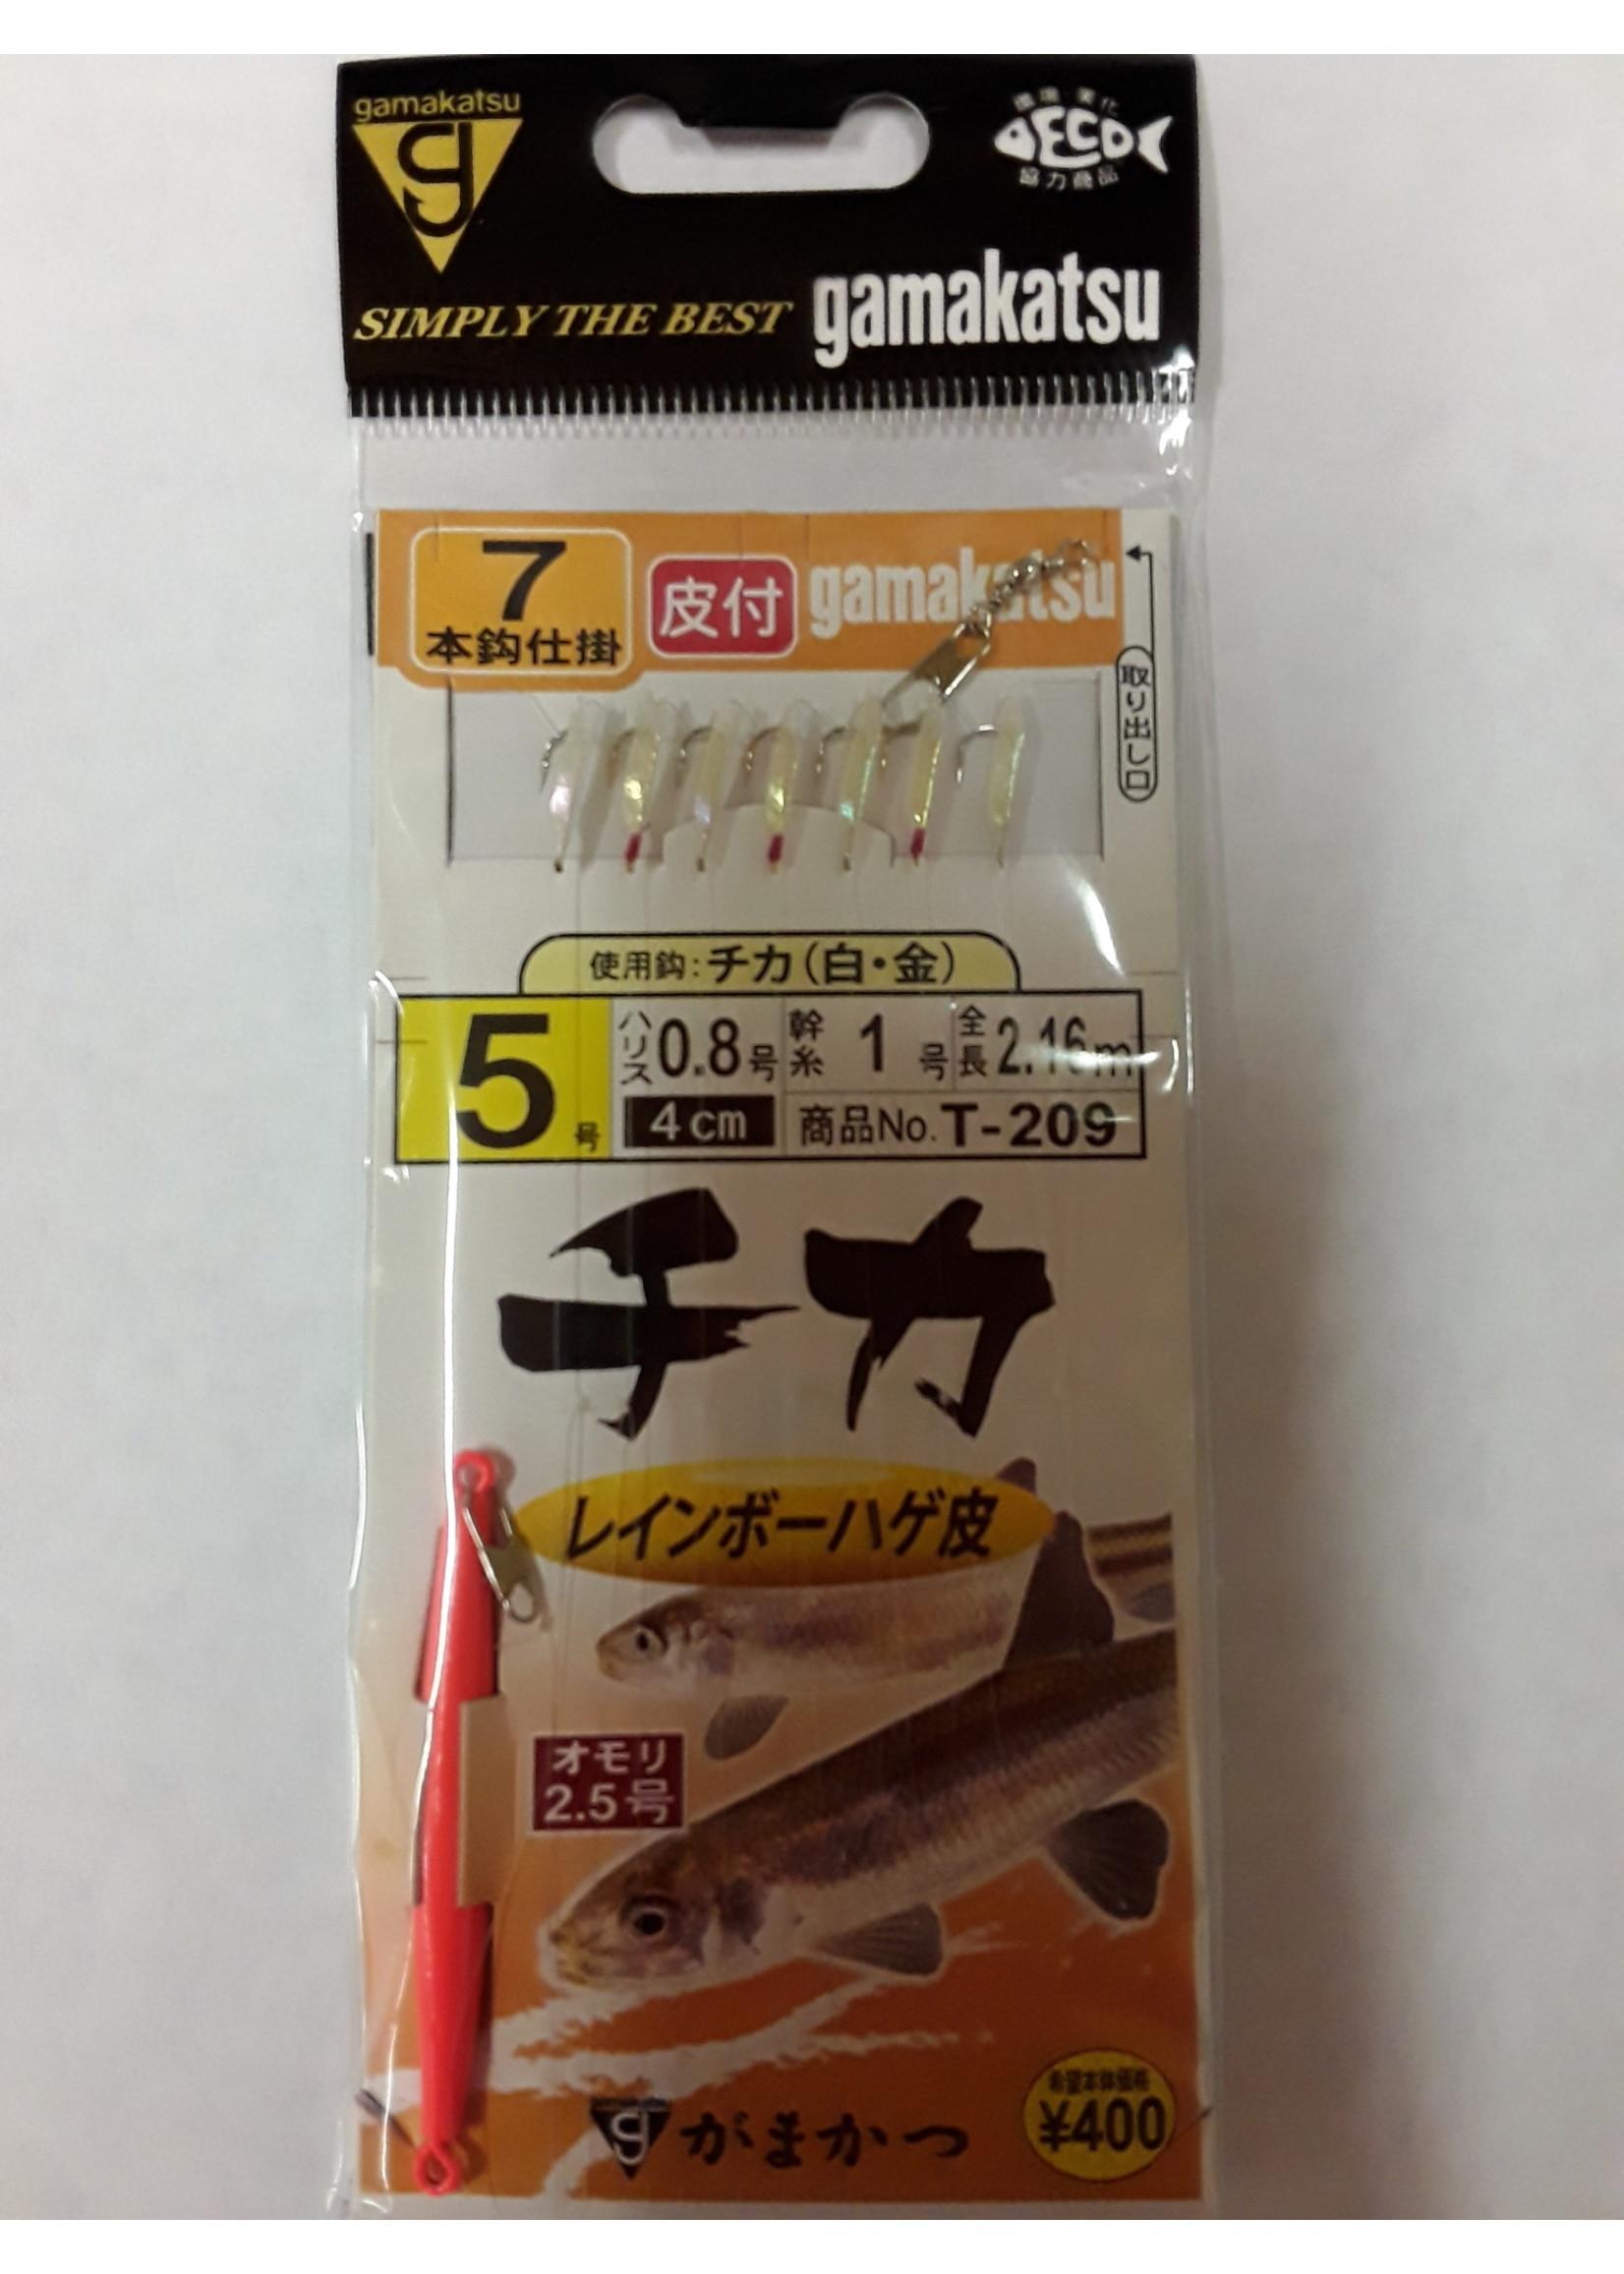 GAMAKATSU Gamakatsu Jigging Rig, Special Assorted